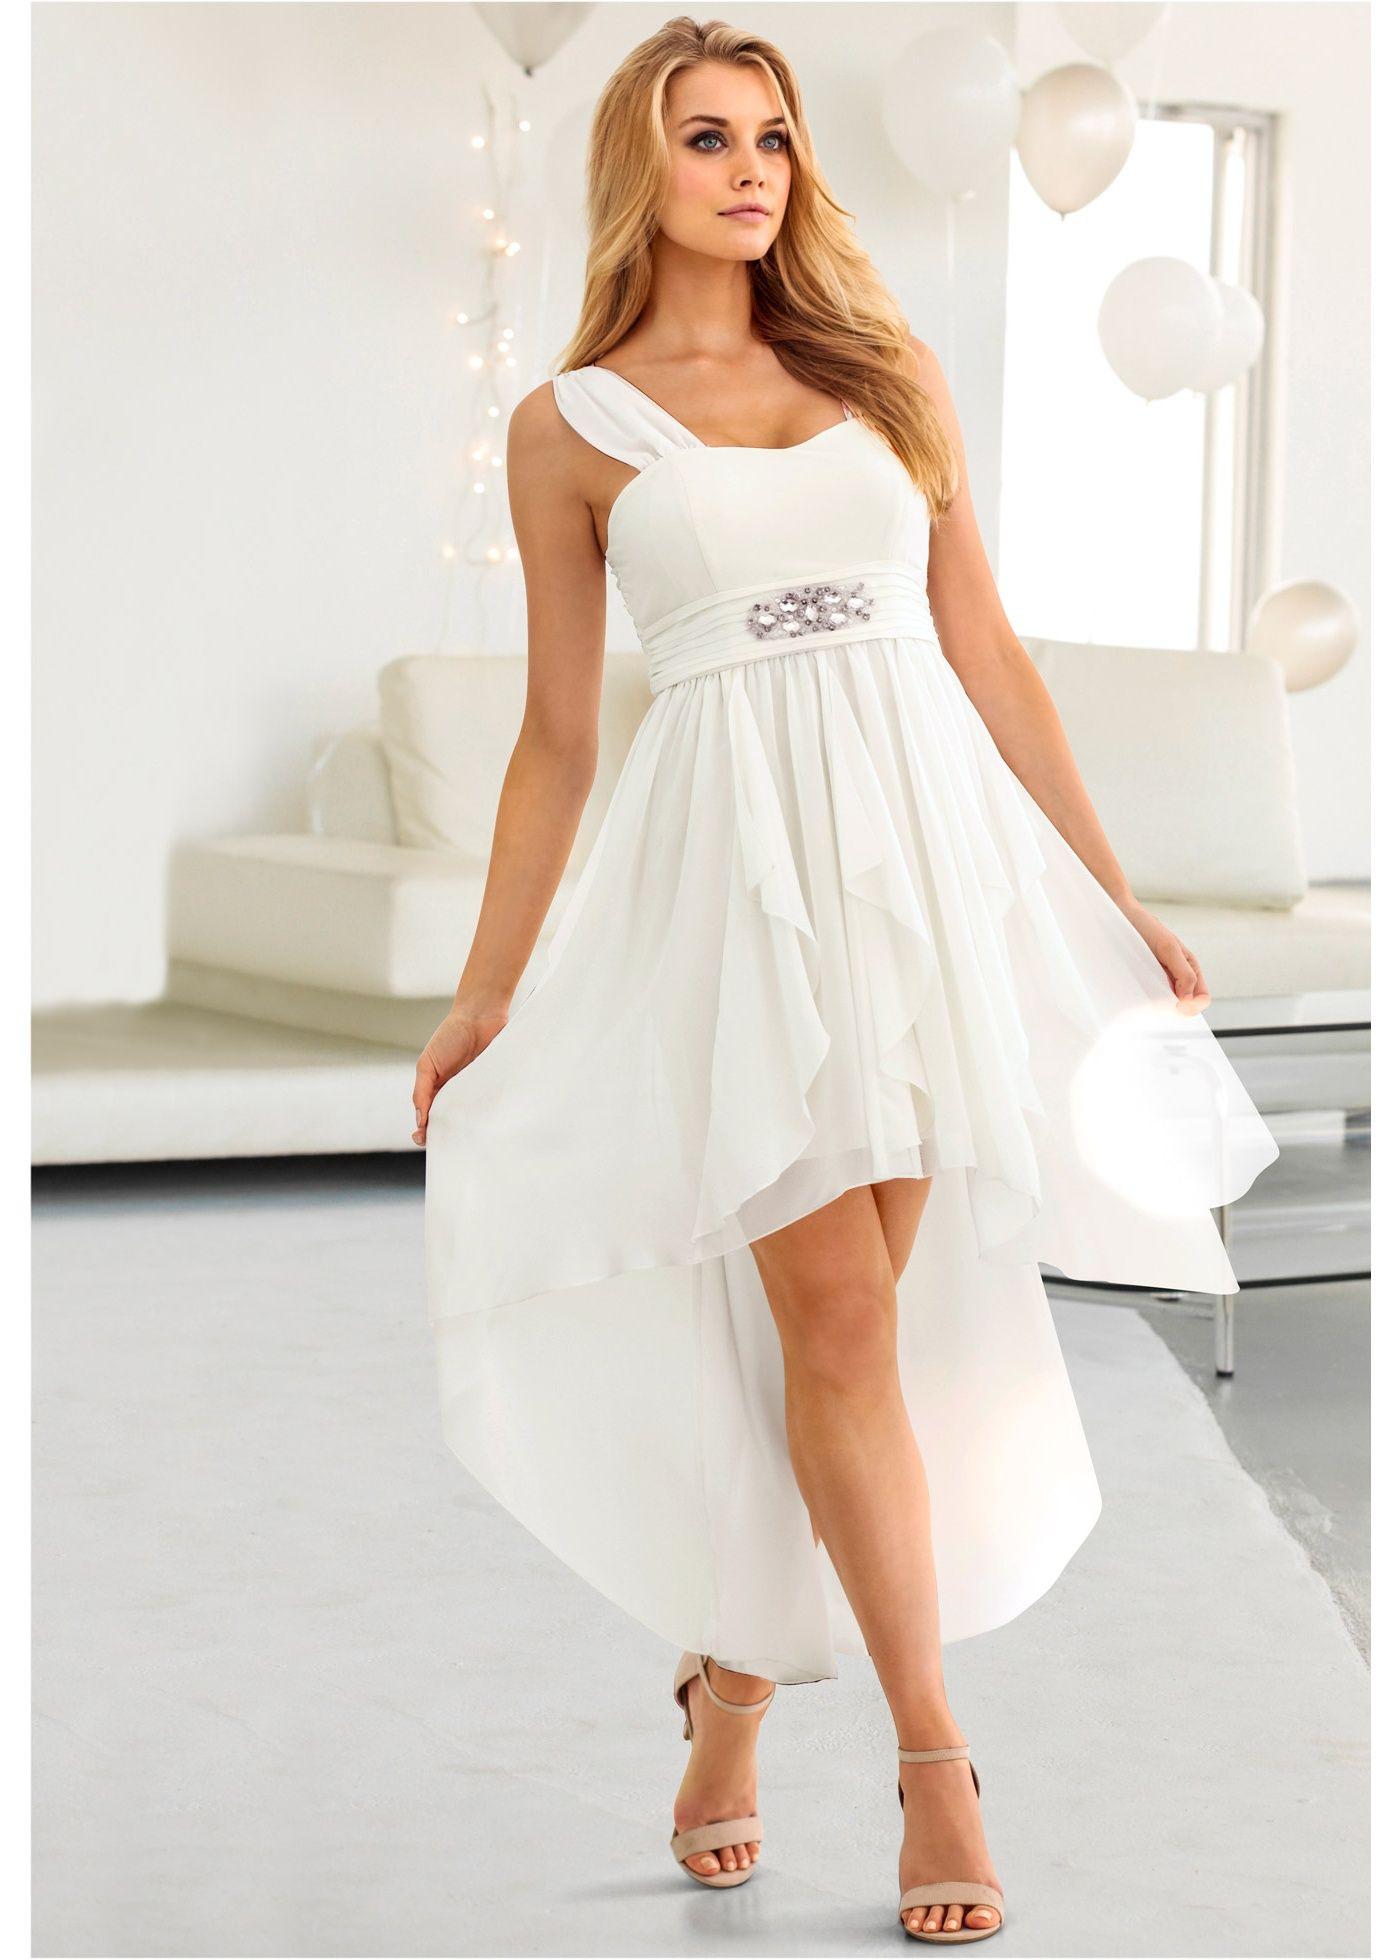 Kleid Für Hochzeit Bonprix - Abendkleid